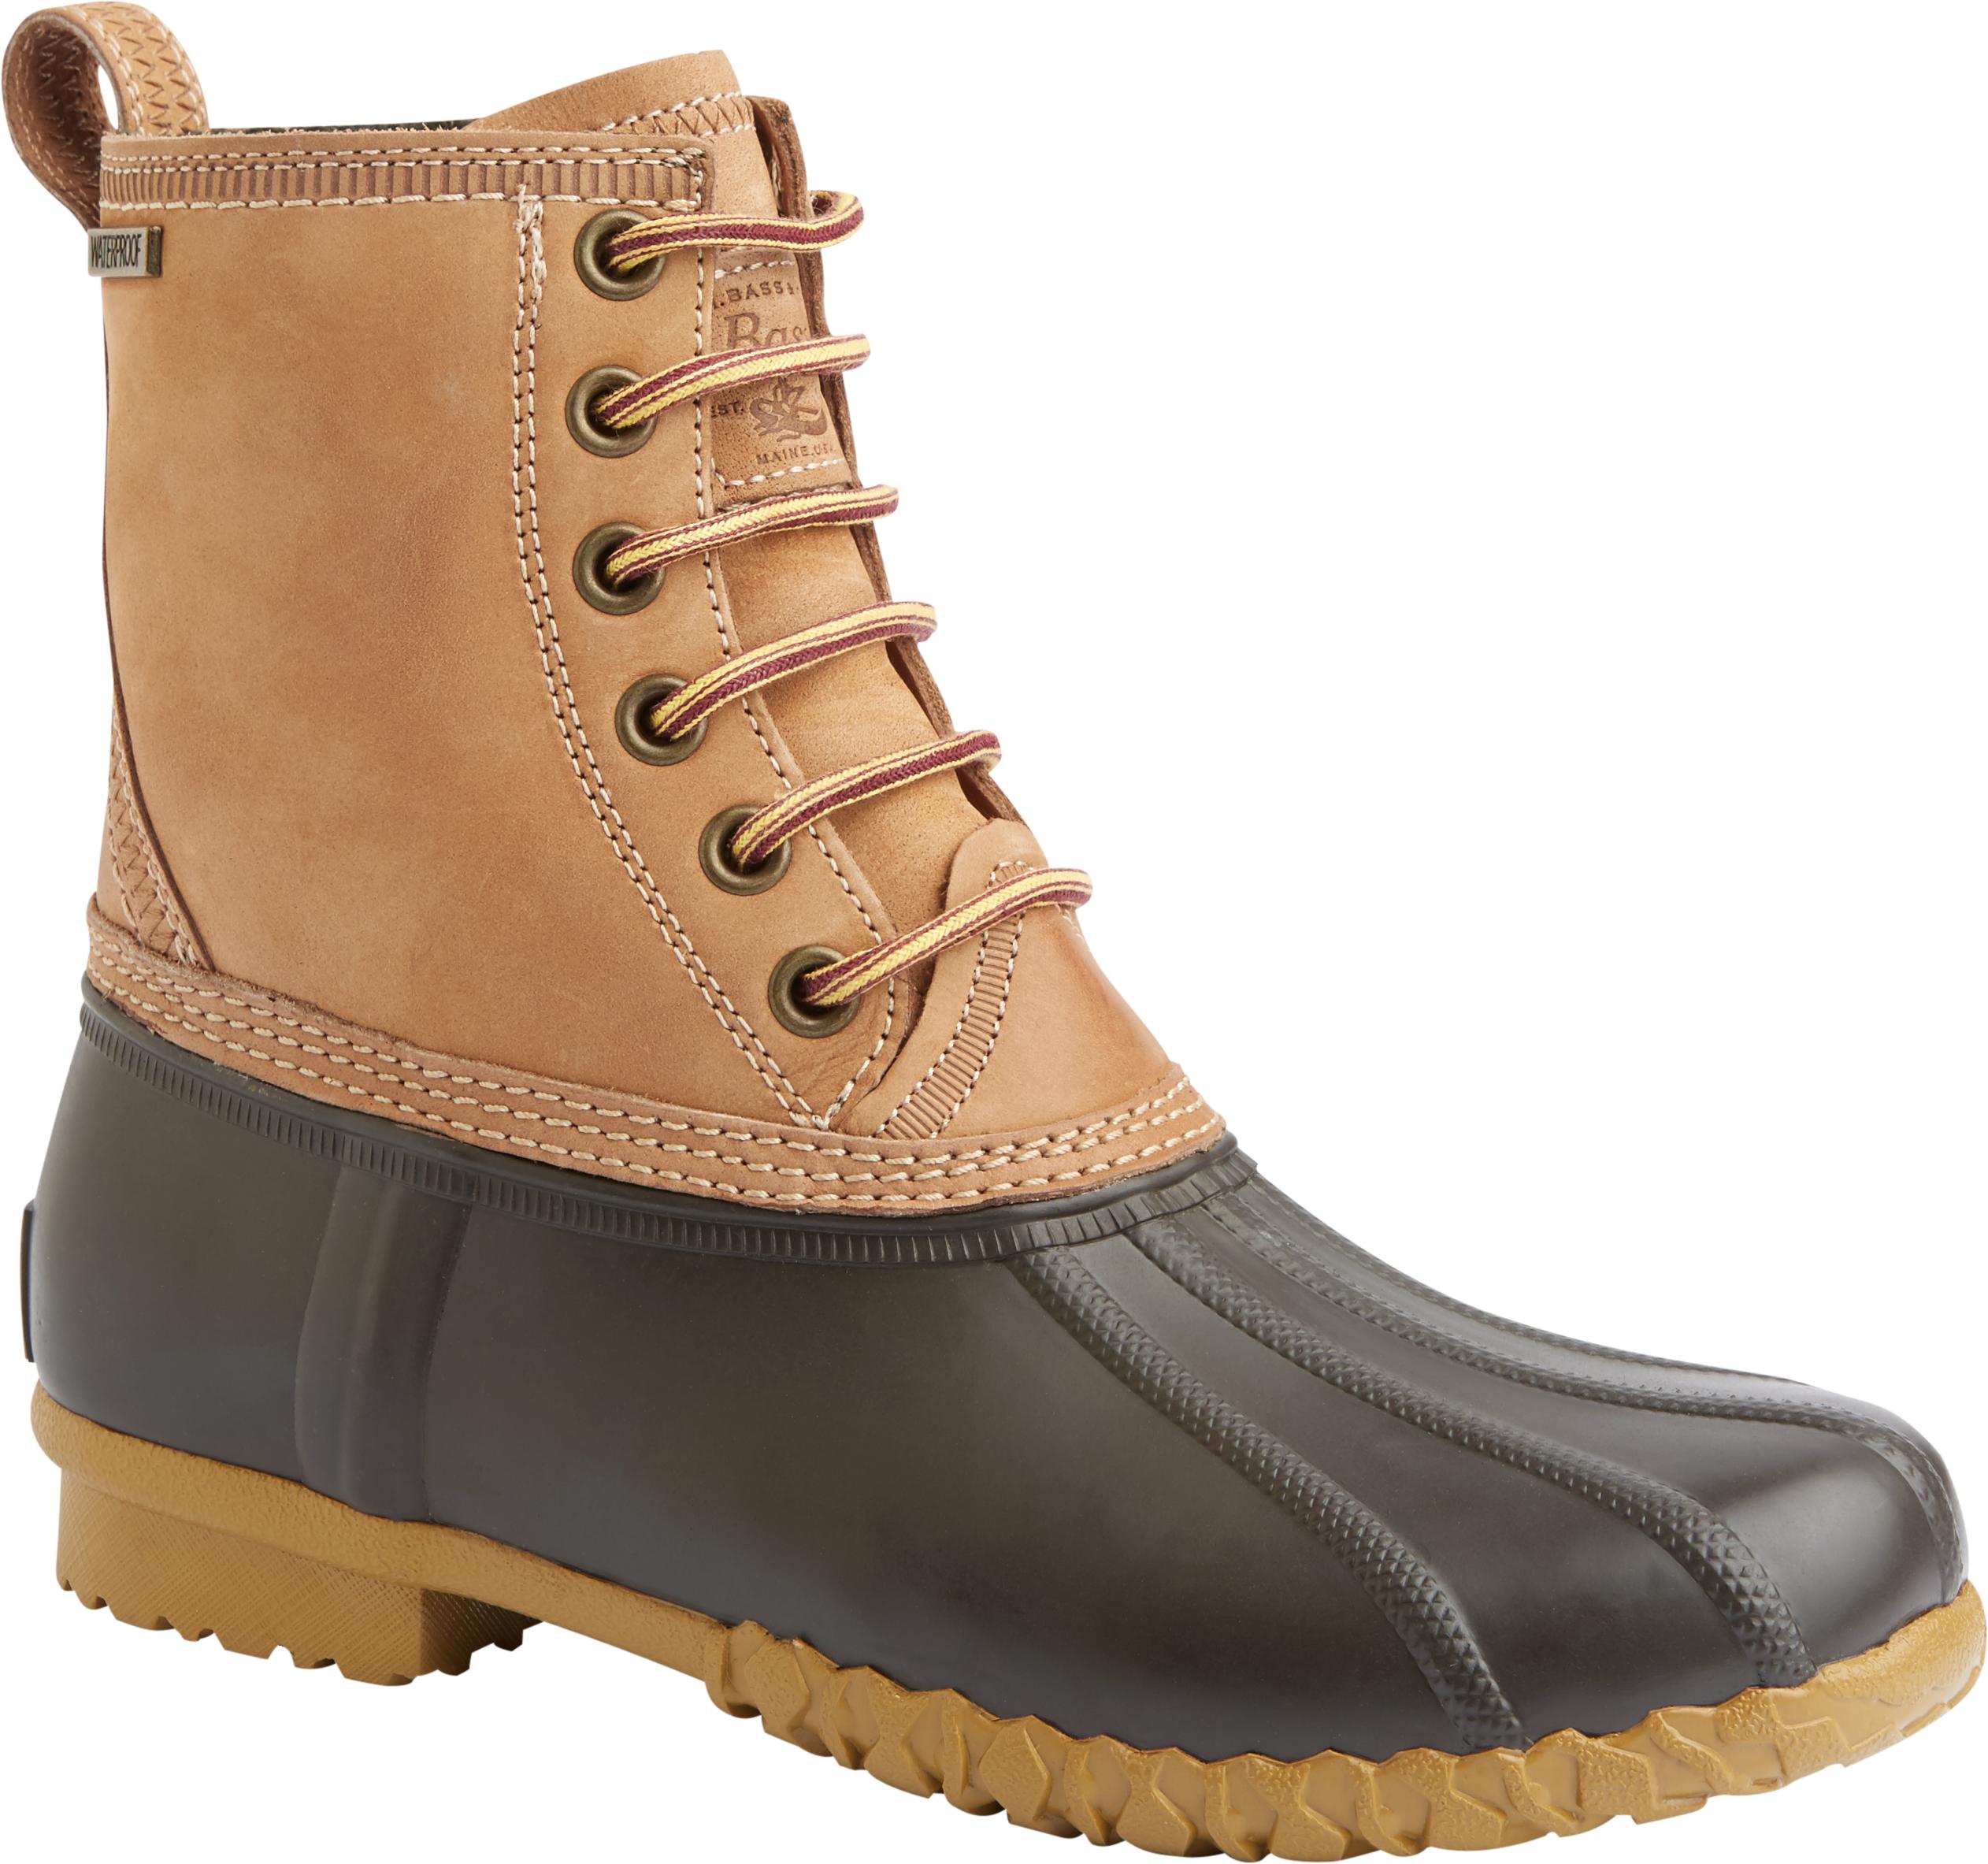 1d4de368666 G. H. Bass Dixon Waterproof Boots